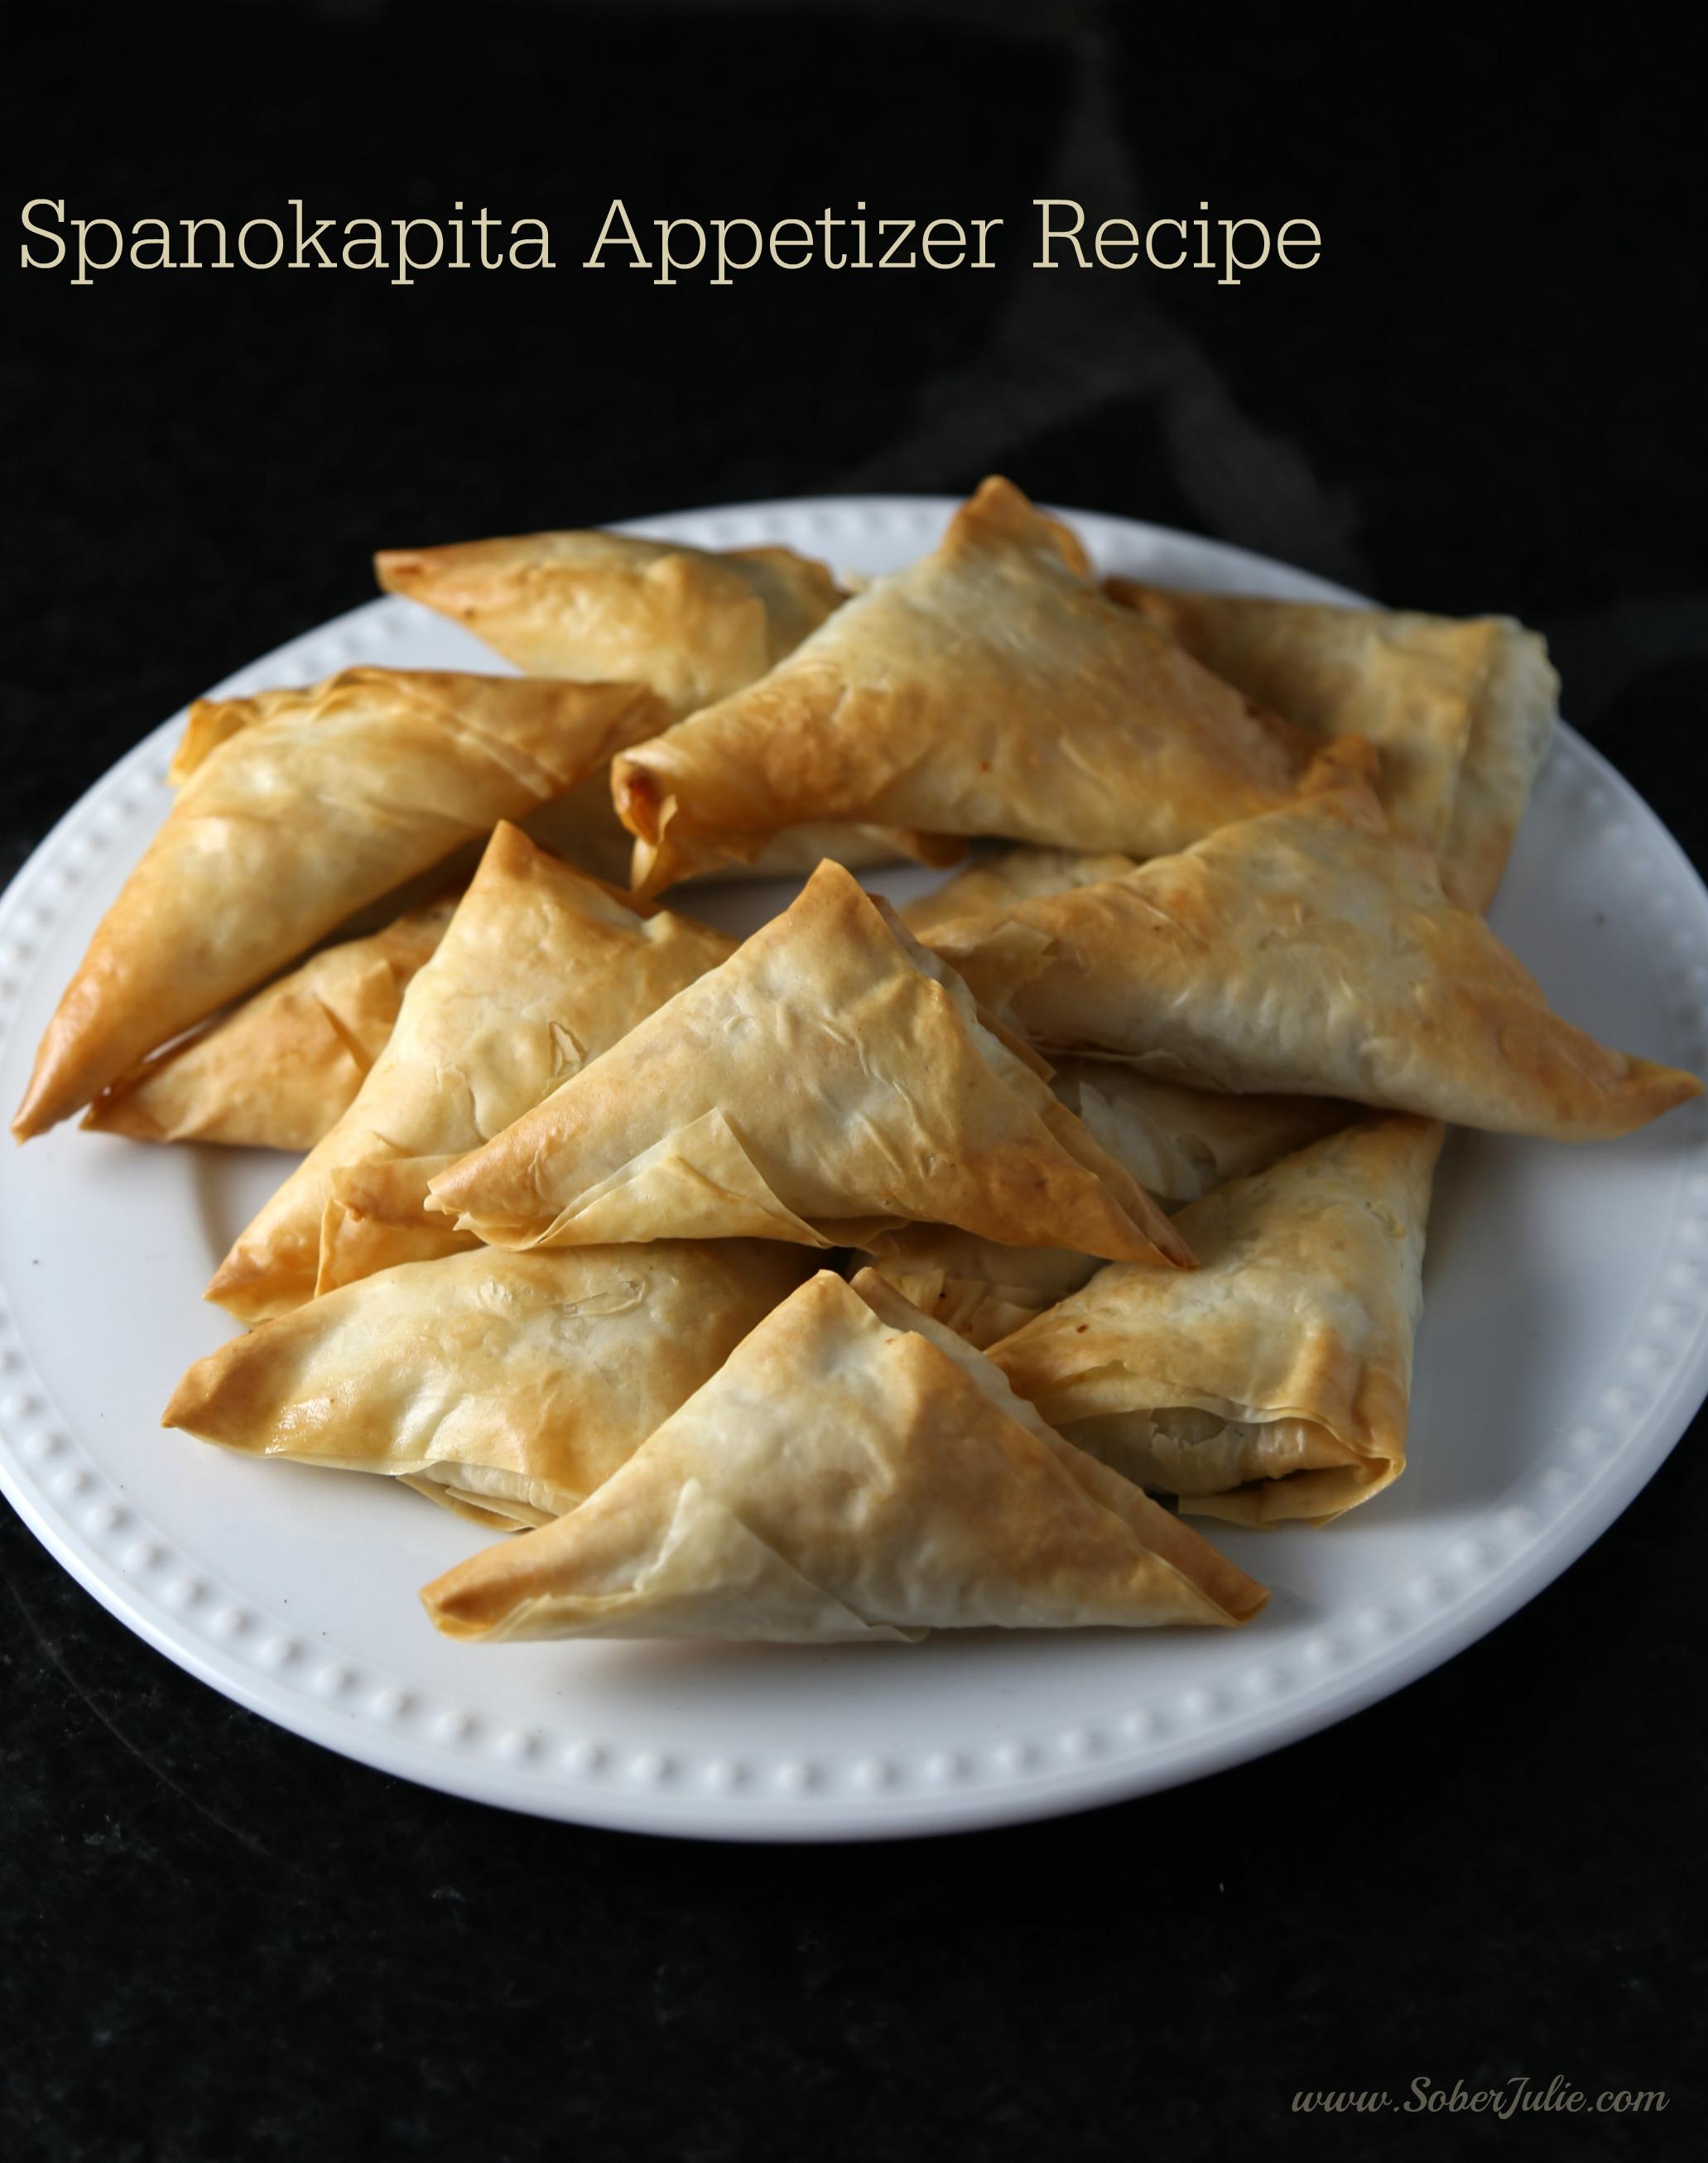 spanokapita appetizer recipe